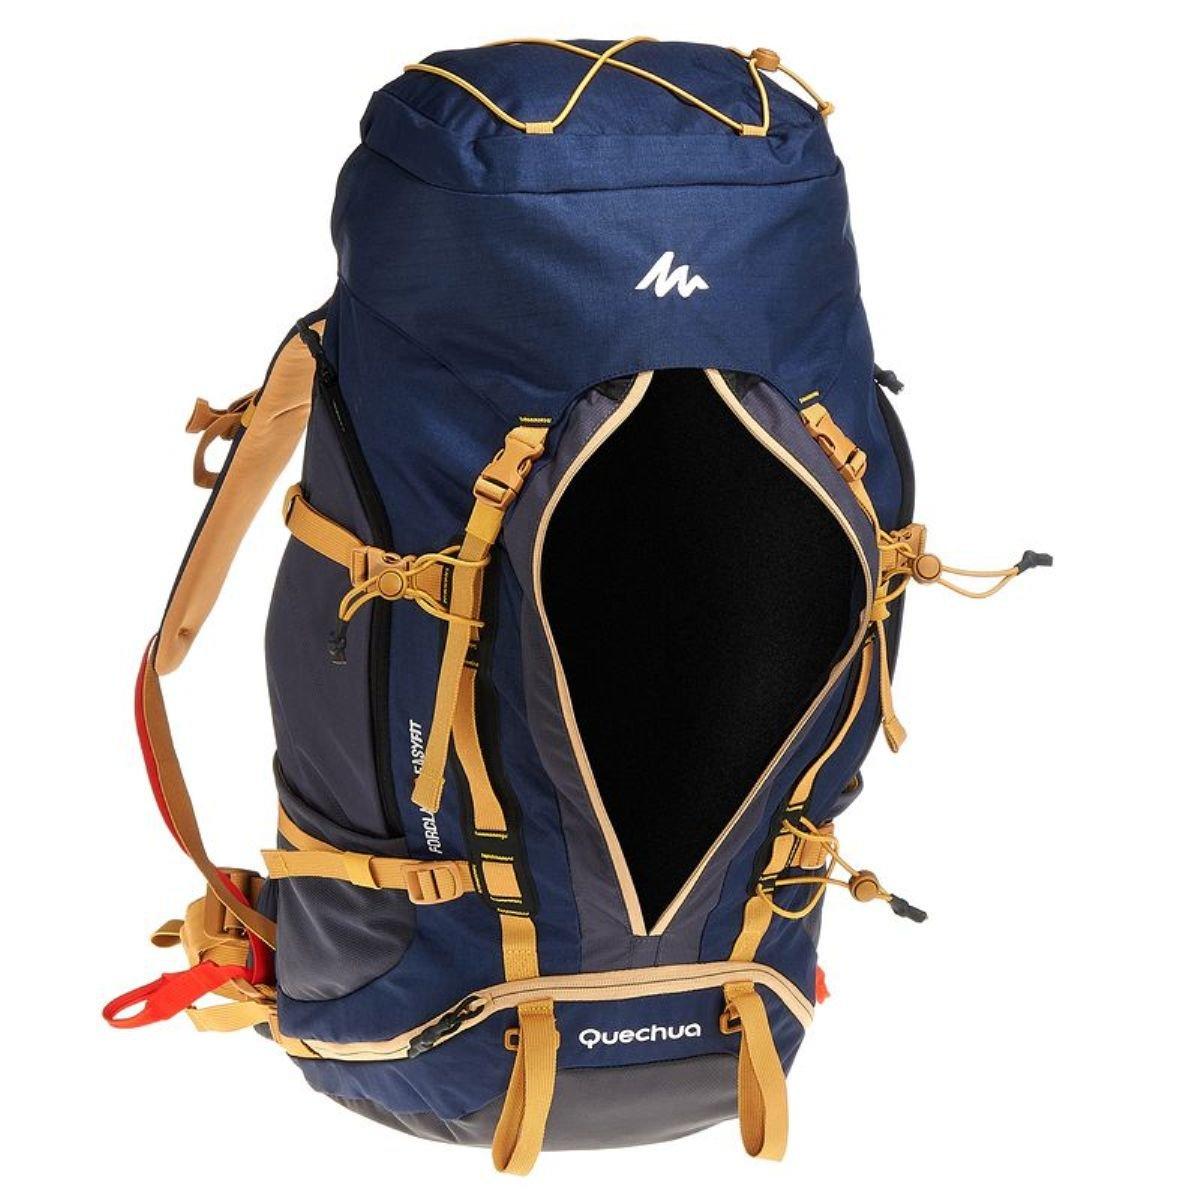 DECATHLON QUECHUA FORCLAZ 50 EASYFIT hombres Multiday Trekking mochila: Amazon.es: Ropa y accesorios